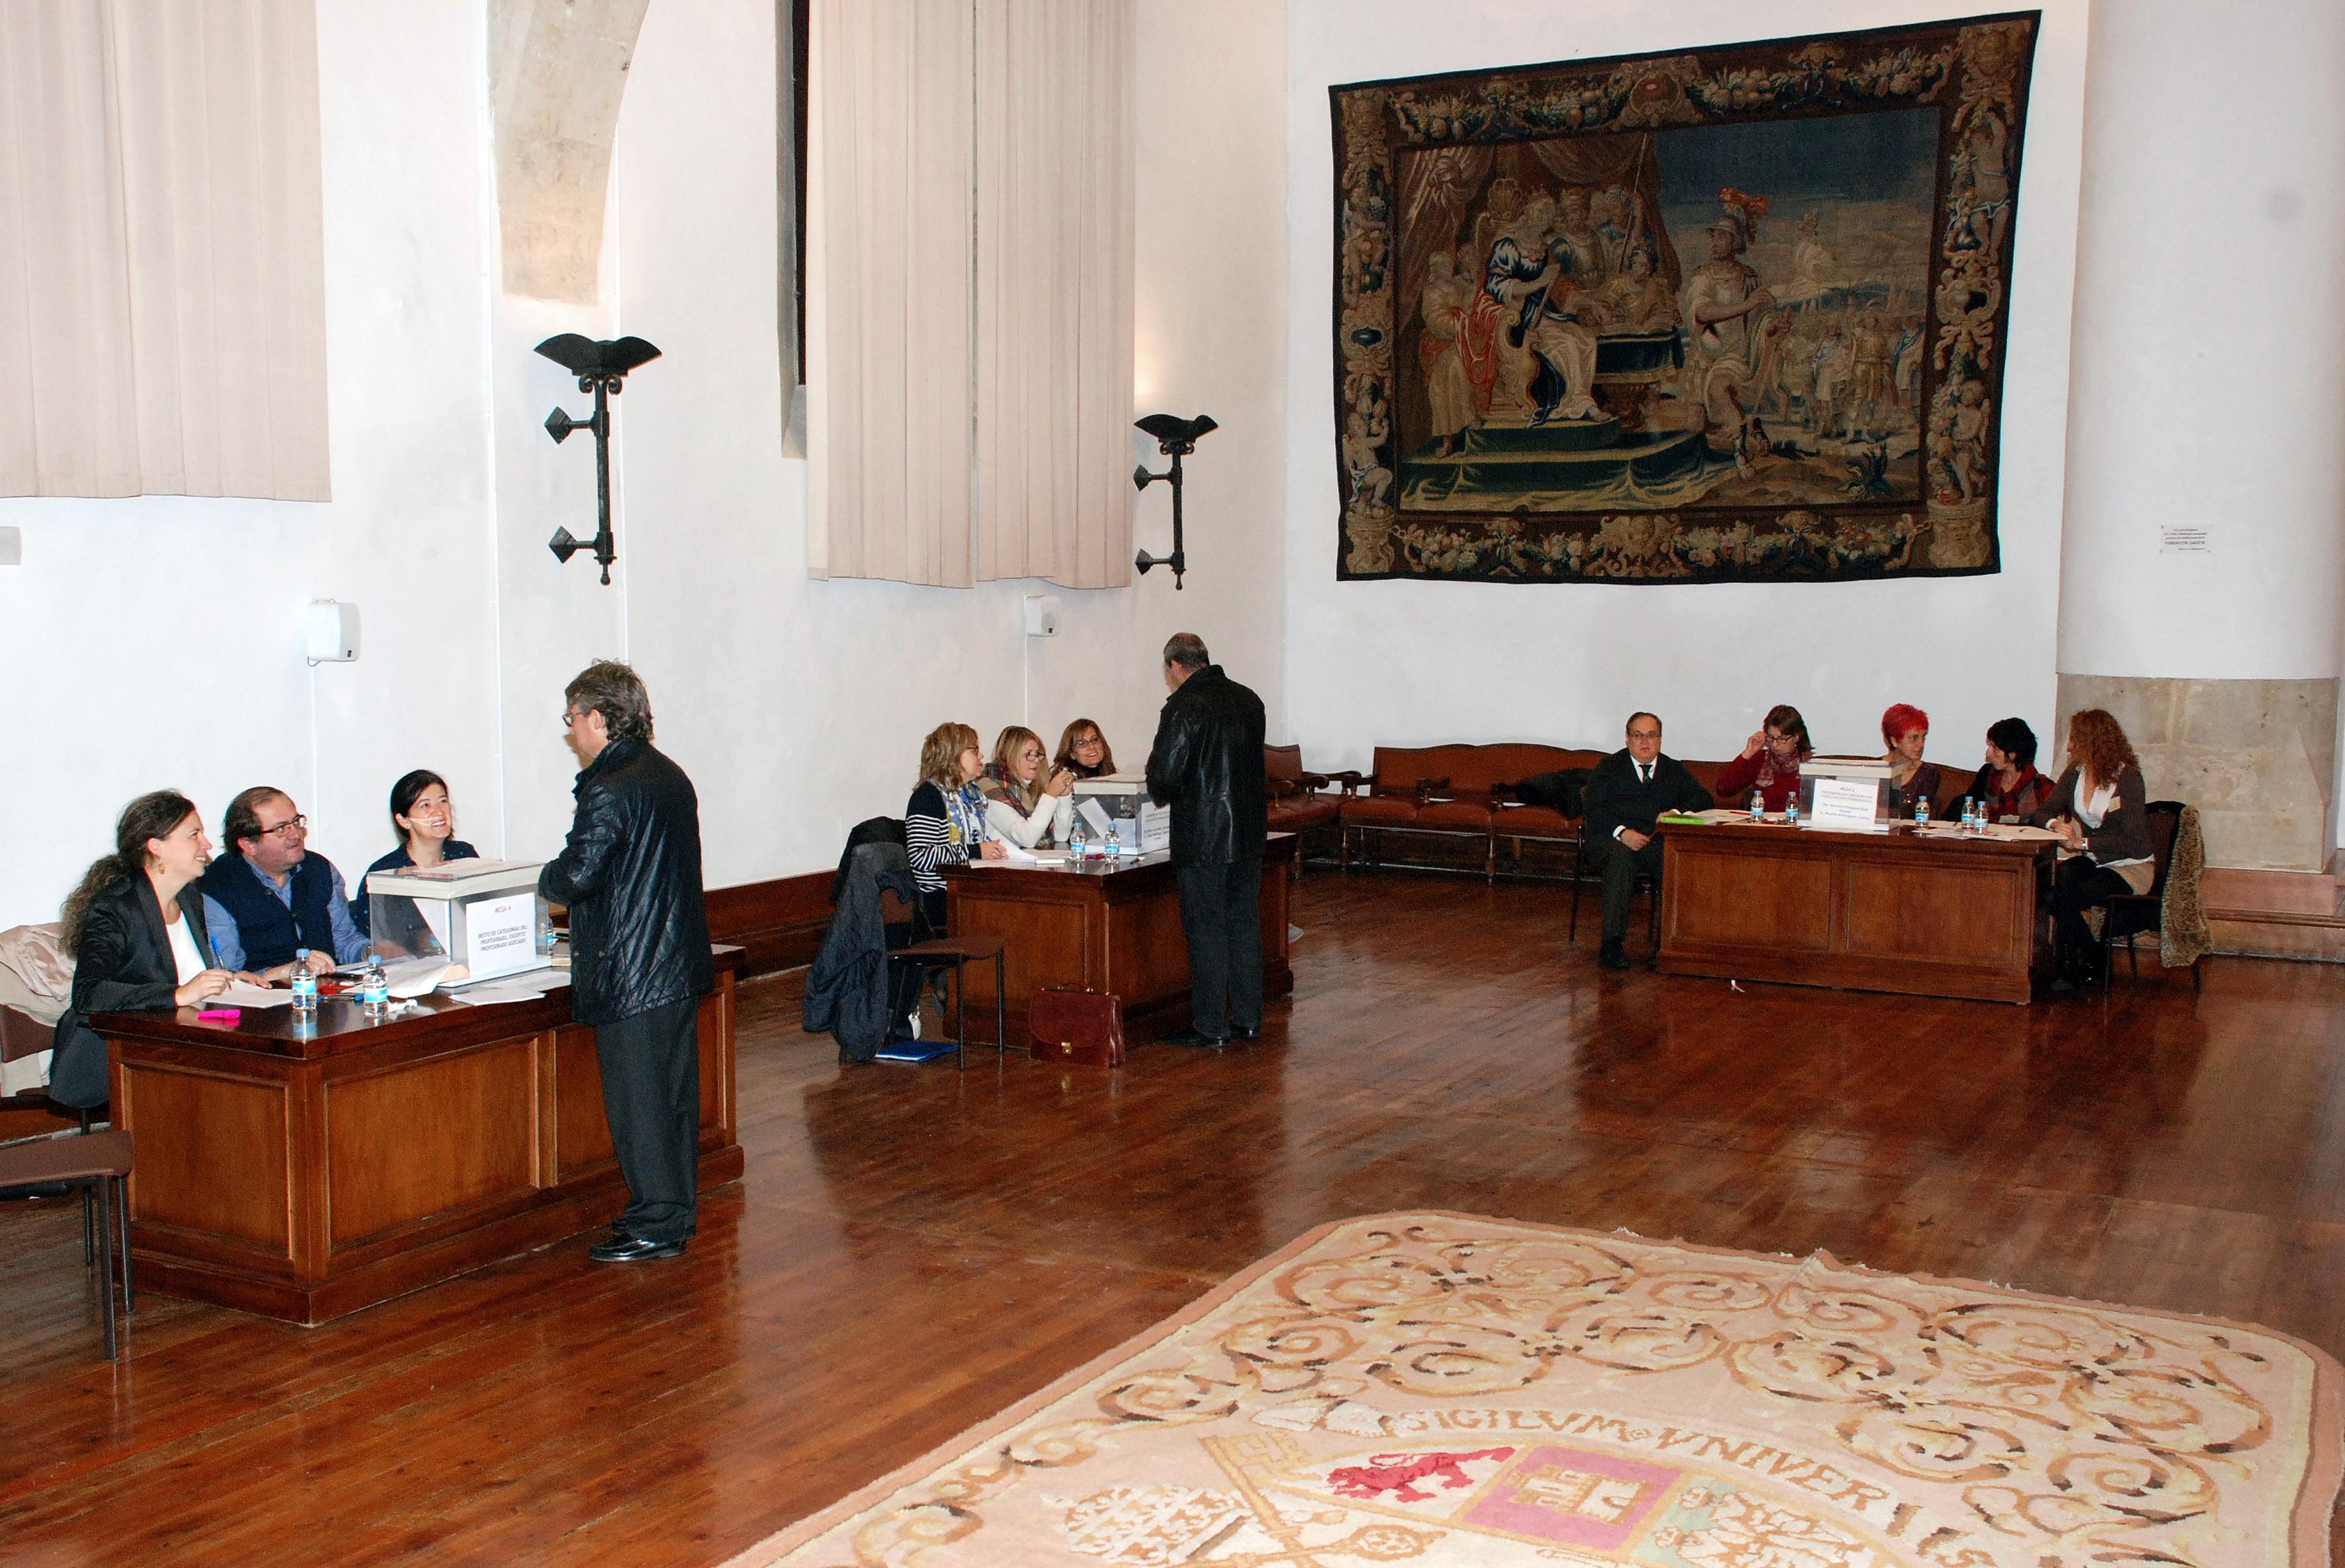 Elecciones al Claustro Universitario de la Universidad de Salamanca